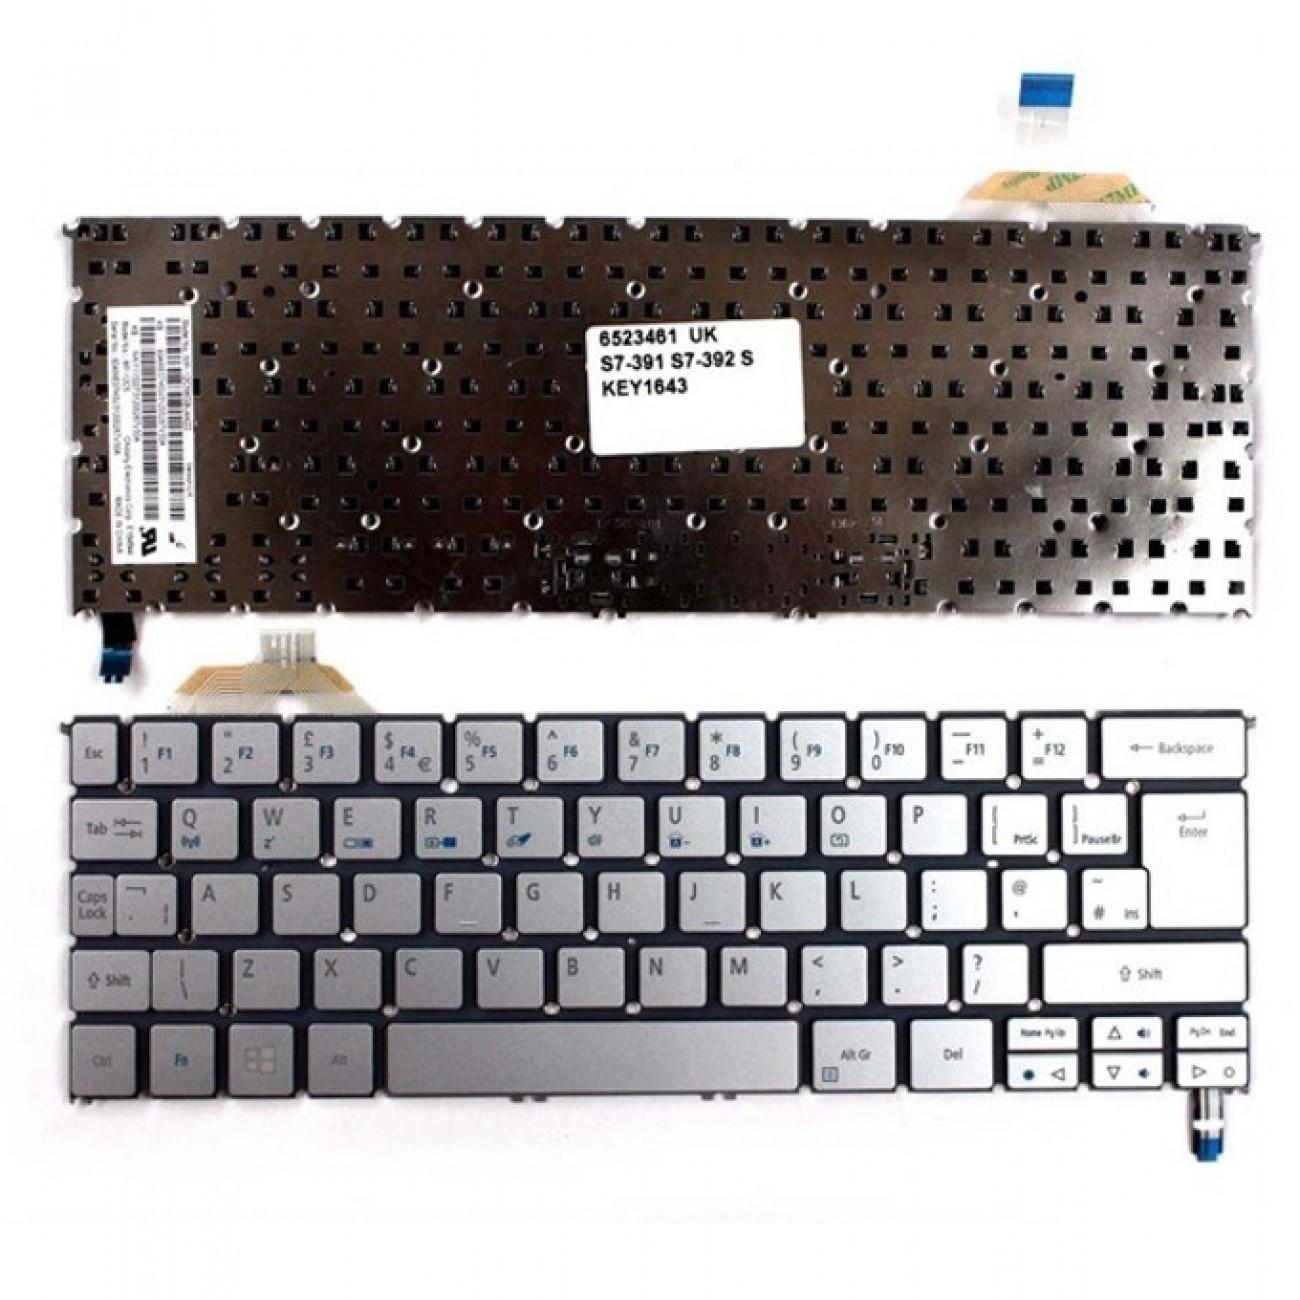 Клавиатура за лаптоп Acer, съвместима със серия Aspire S7-391 S7-392, без рамка, сива, US/UK, с подсветка в Резервни части -    Alleop